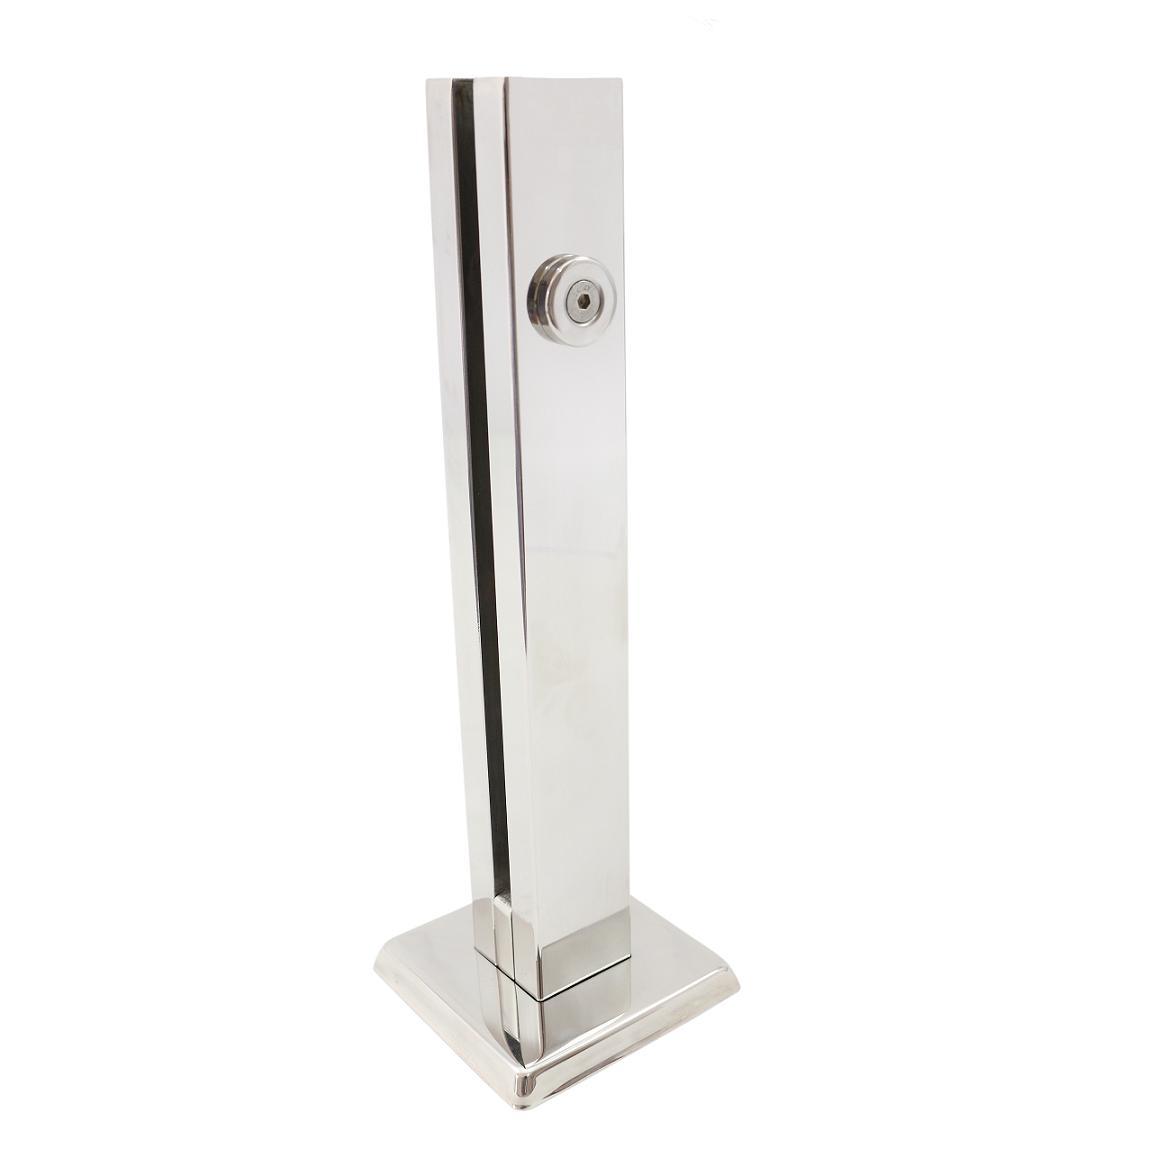 Coluna Torre 30 Cm - 1 Furo - Polida - Aço Inox 304 - v.10